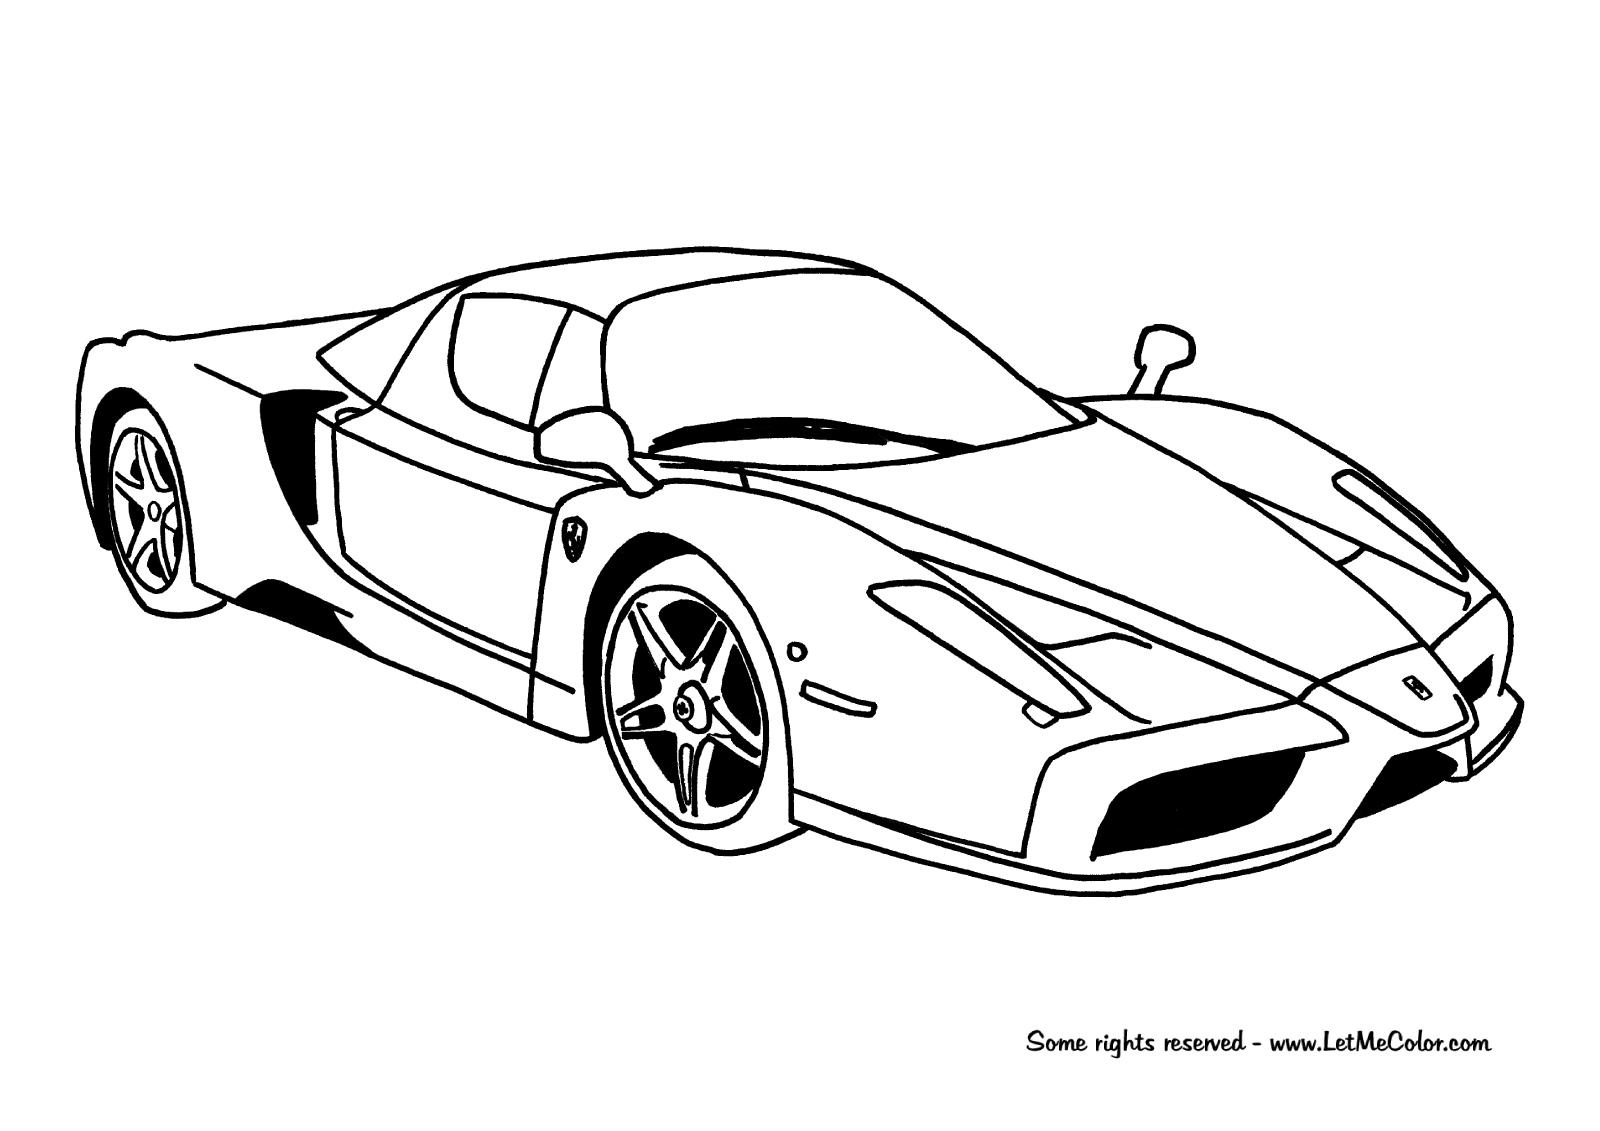 Cars-coloring-page-Ferrari-Enzo-Letmecolor.com | COCHES | Pinterest